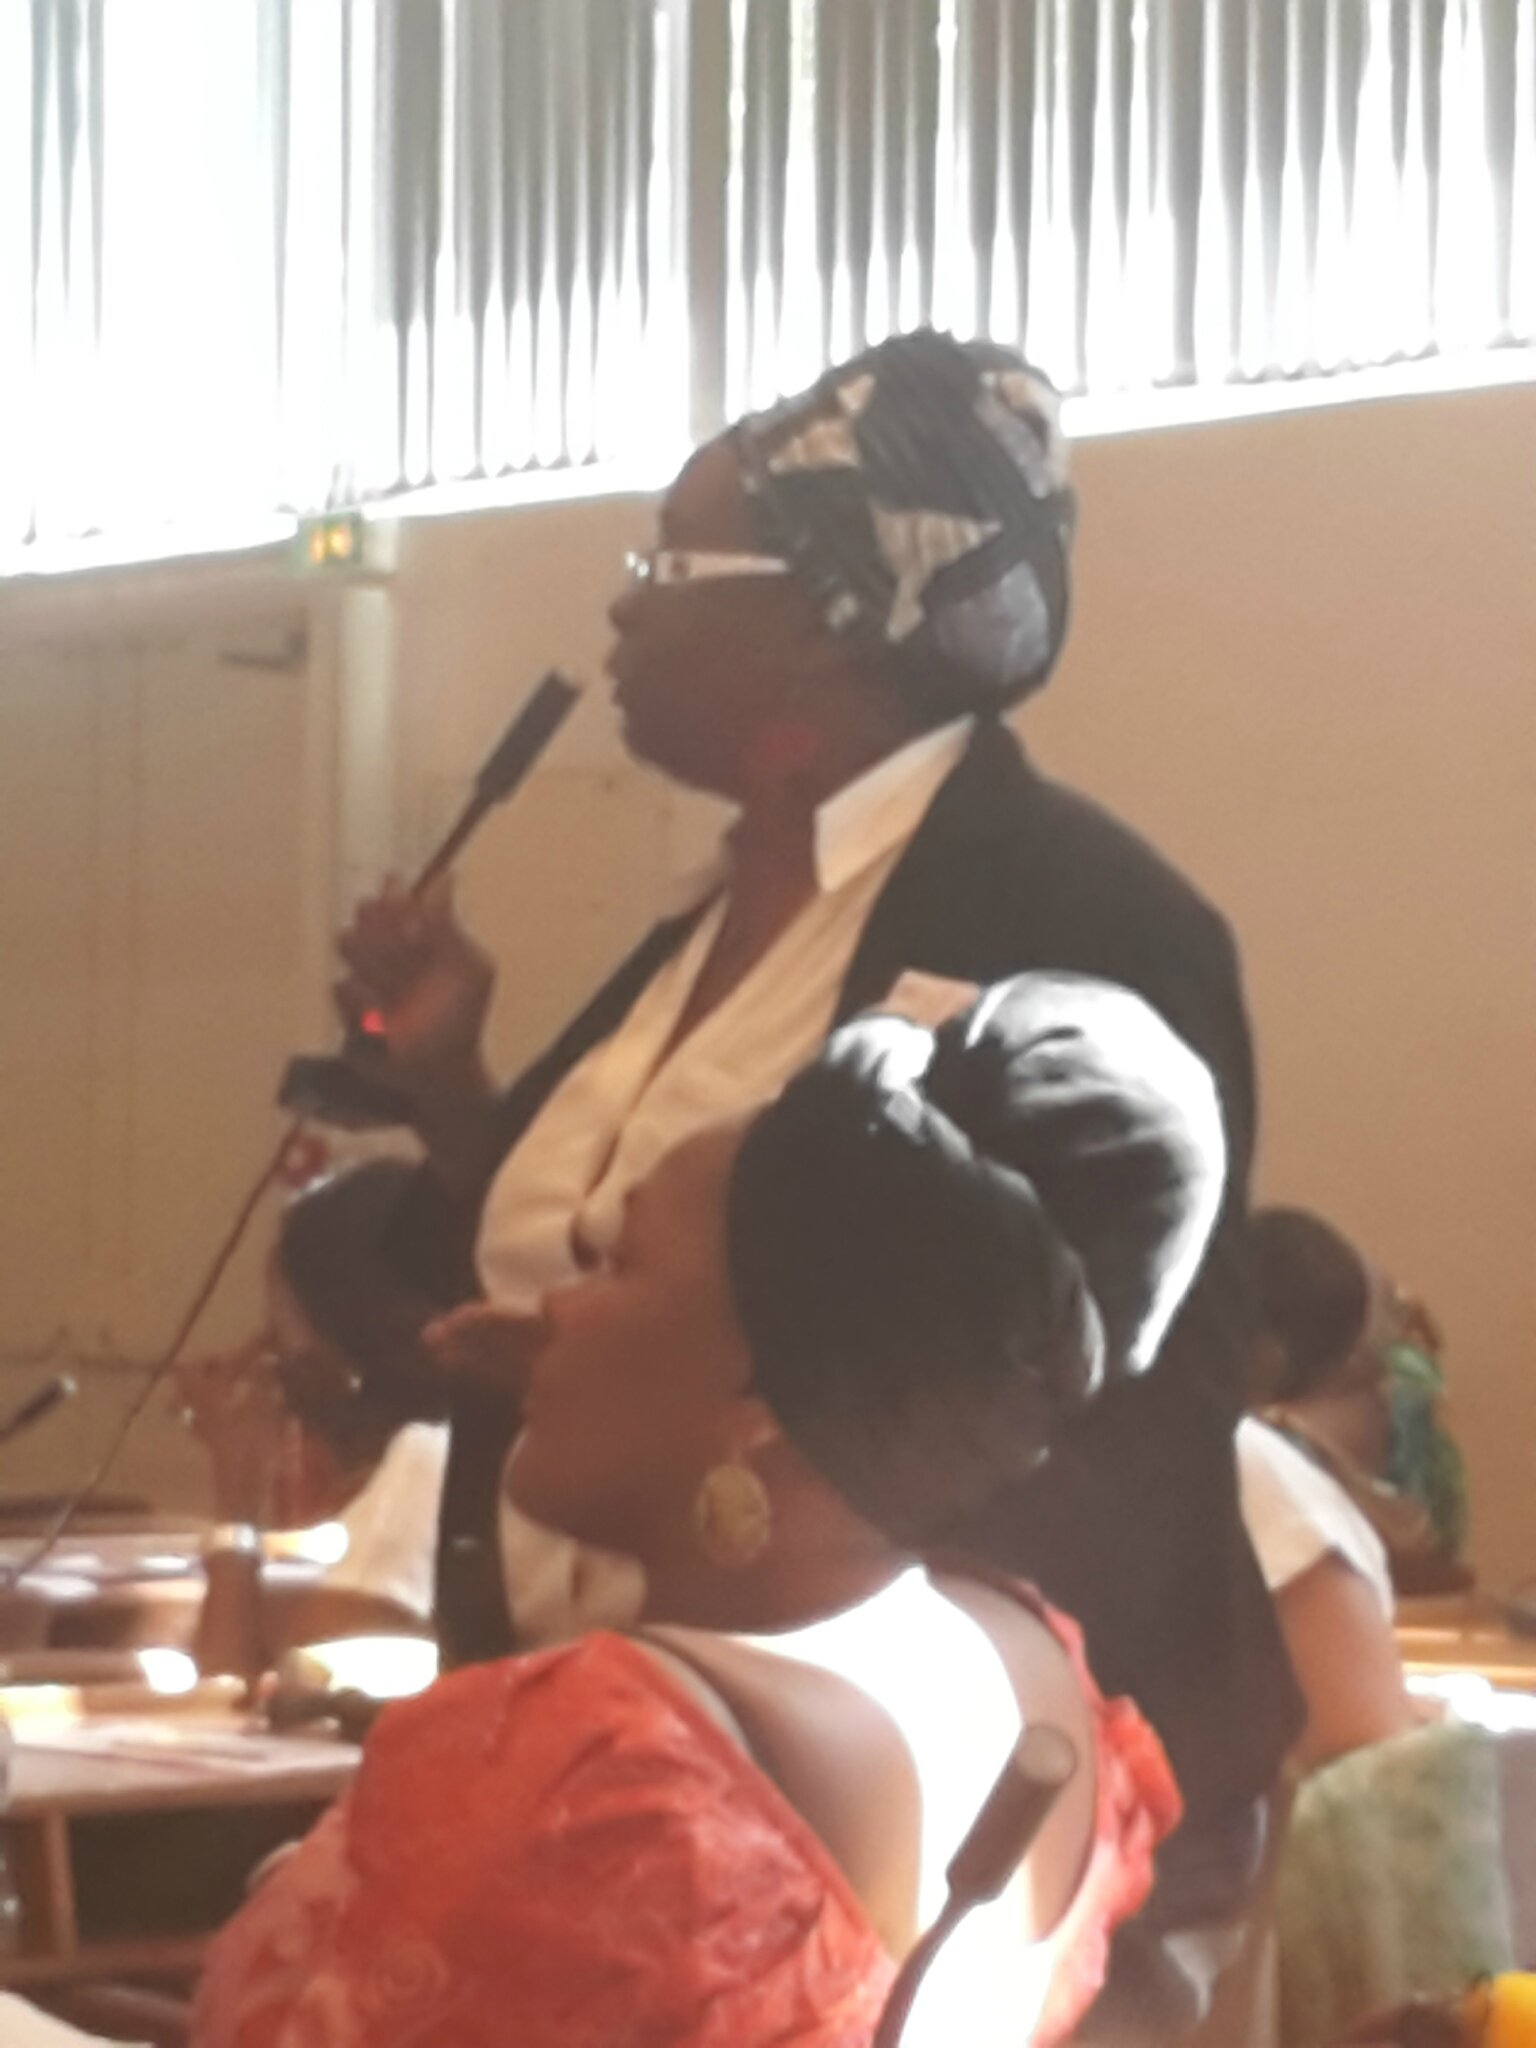 Présidente d'une association afro-descendante de Belgique. Cette association se bat pour la recoonnaissance des Droits fondamentaux des afro-descendants.